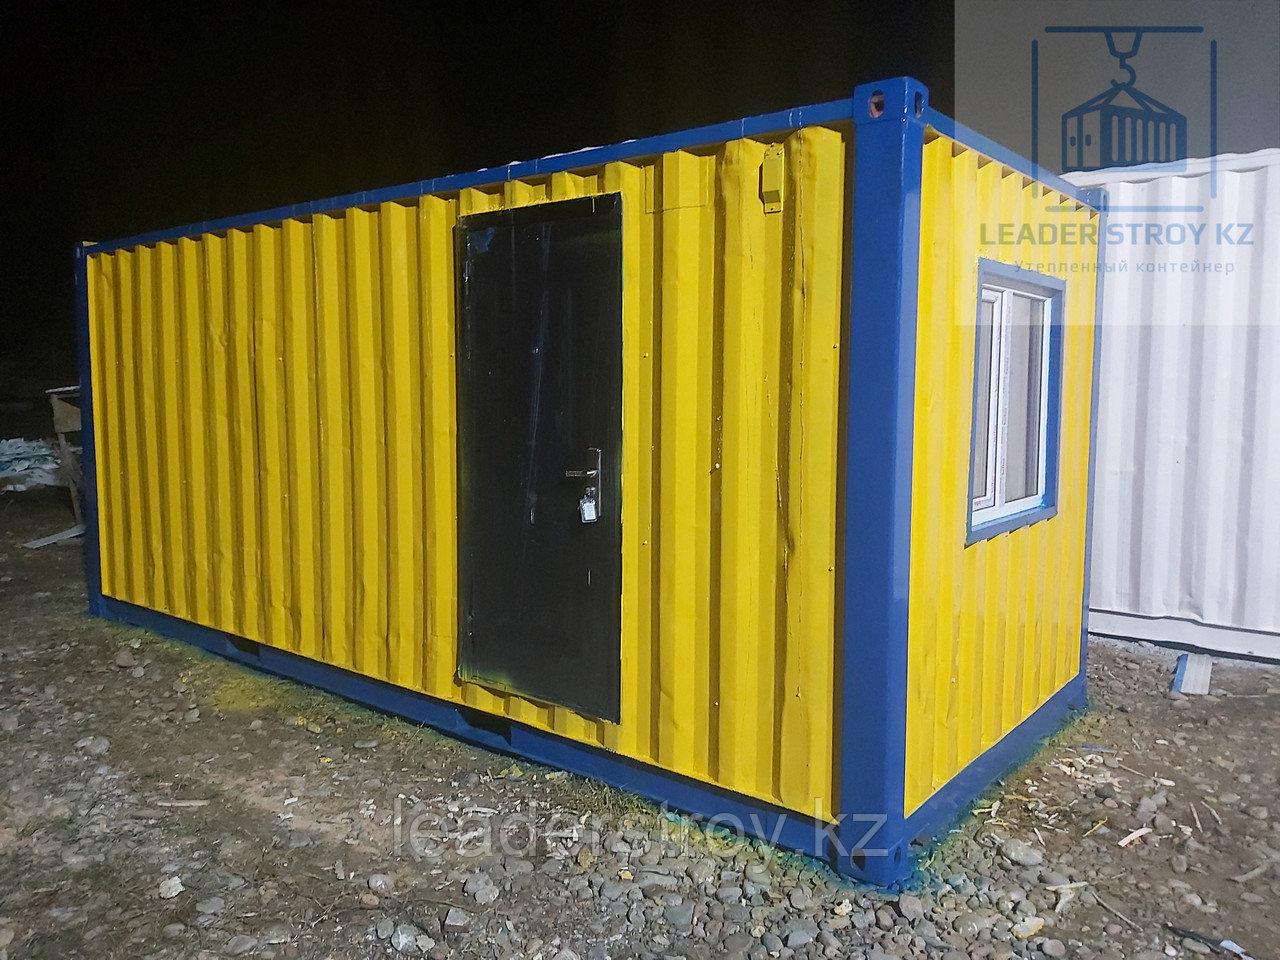 Жилой контейнер 20 фут. КПП